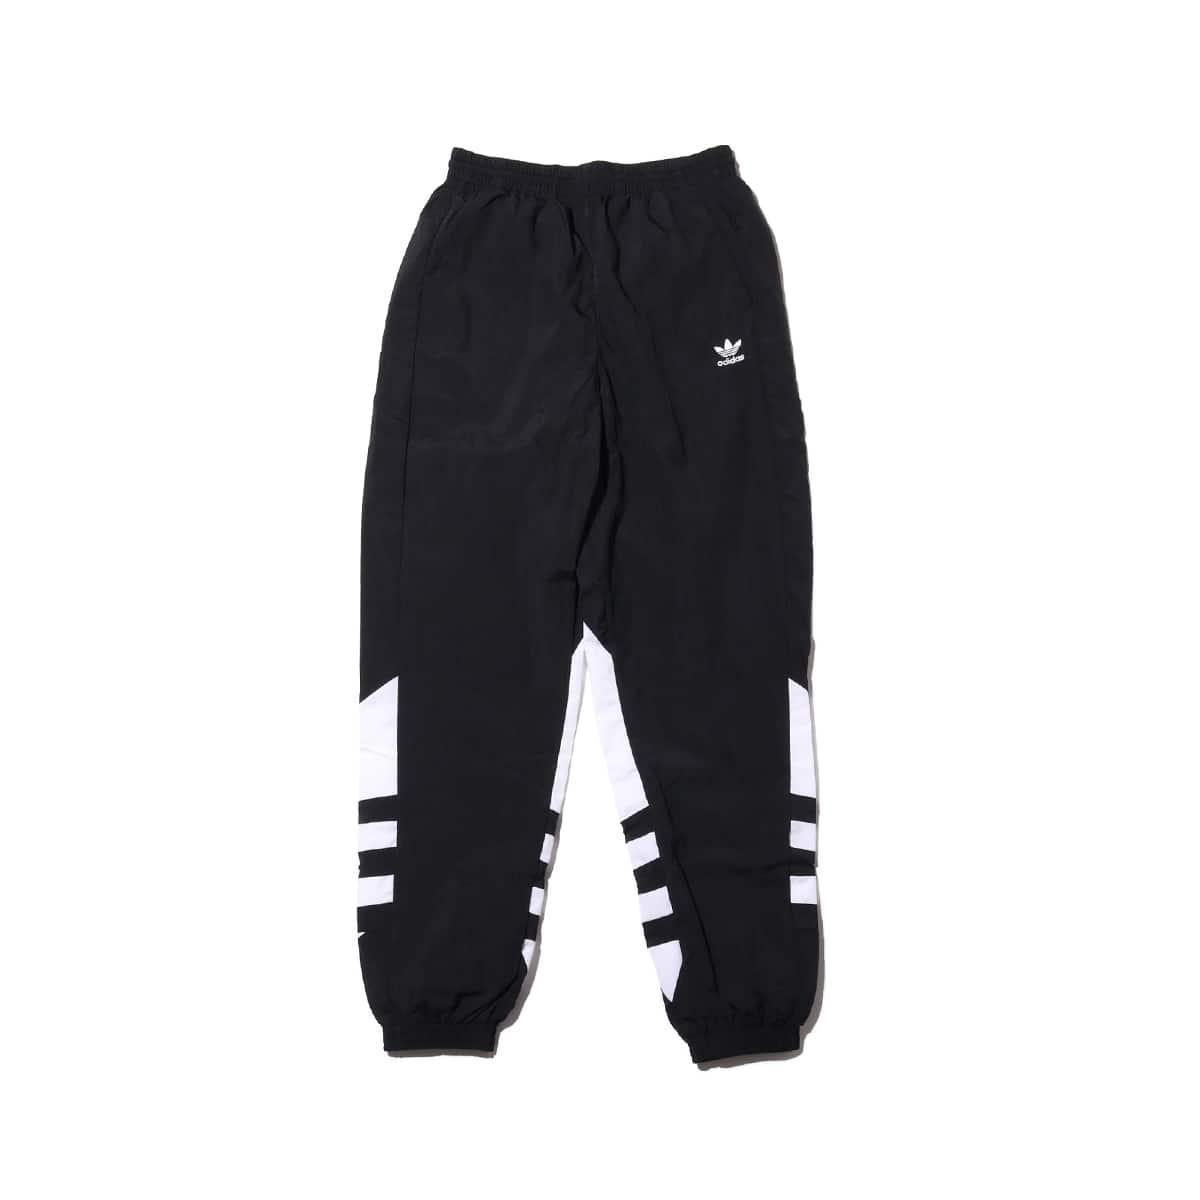 adidas LRG LOGO TRACK PANTS WOMEN BLACK/WHITE 20SS-I_photo_large